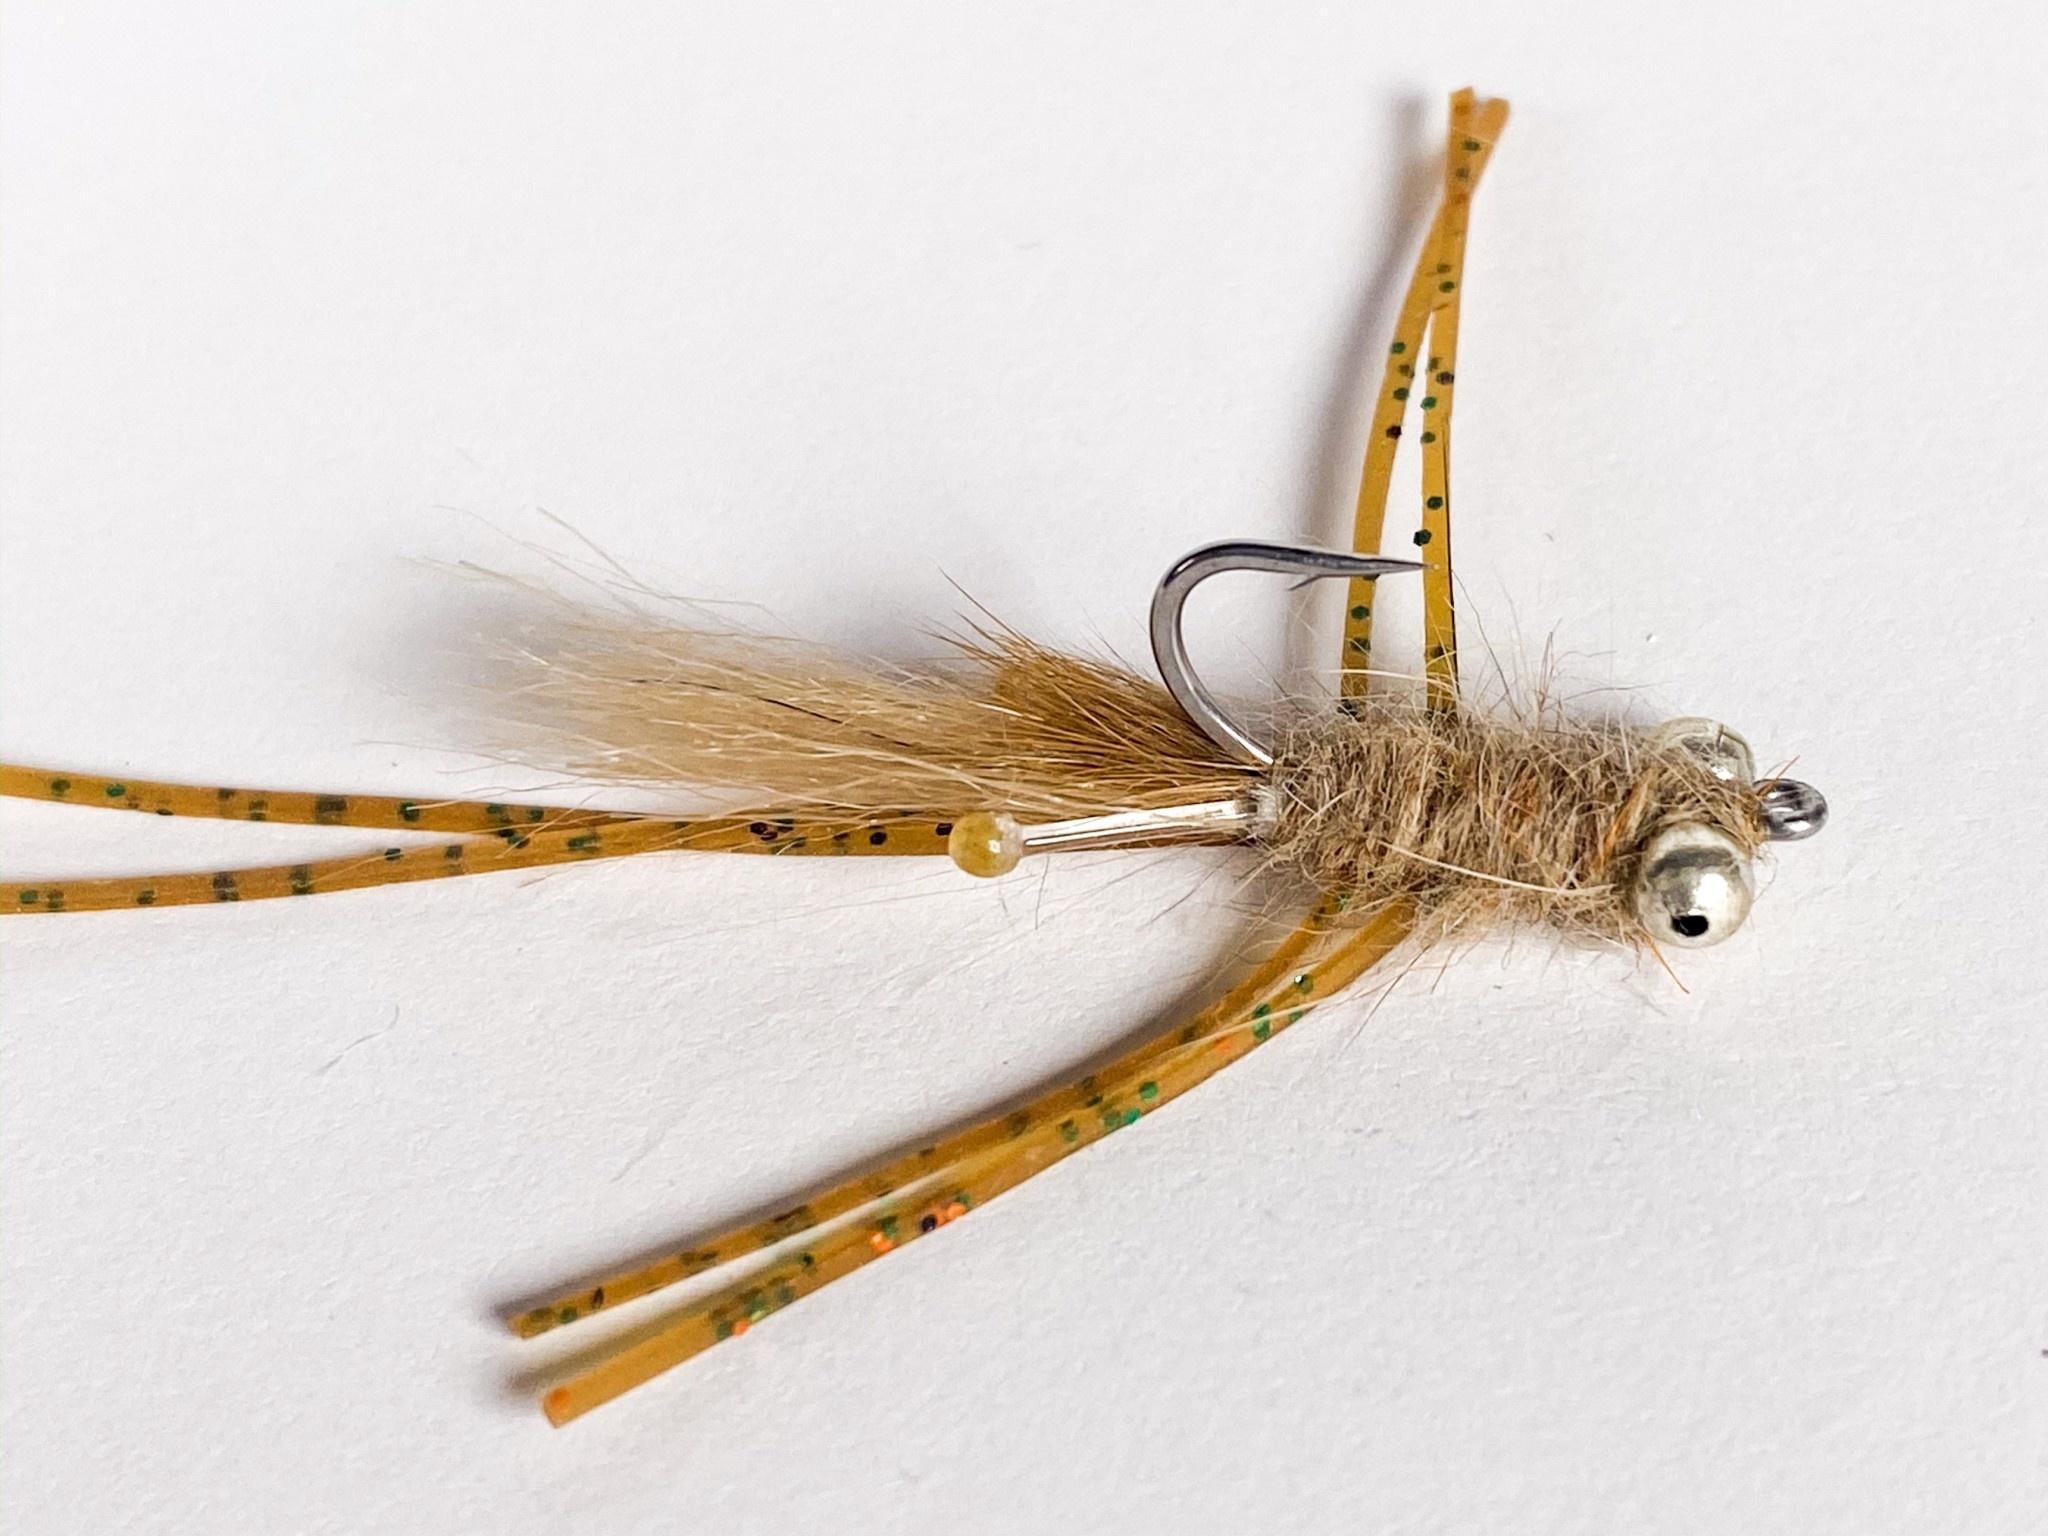 Catch Flies Mantis Shrimp